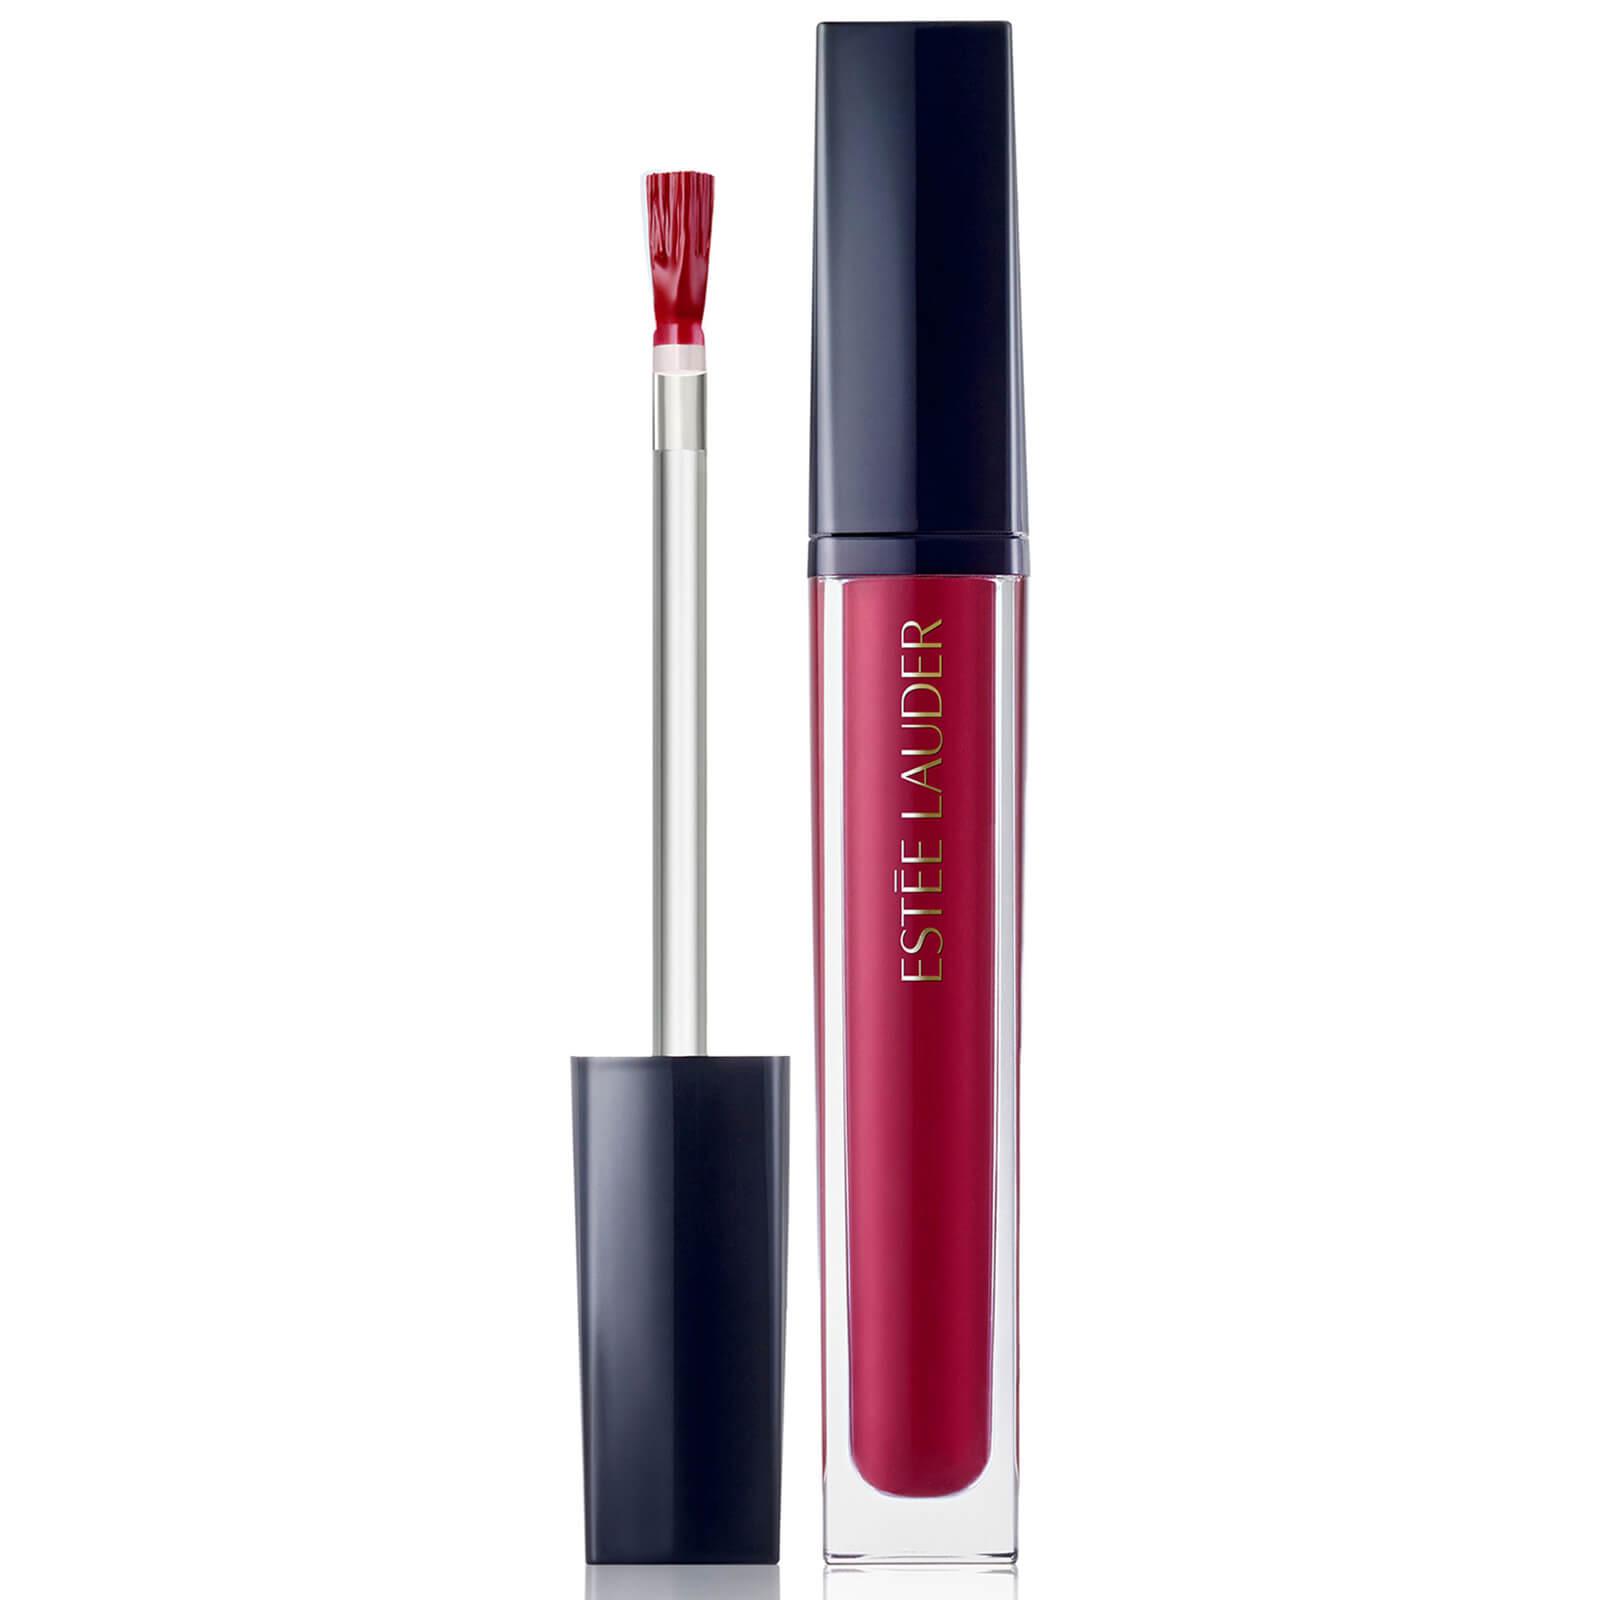 Купить Estée Lauder Pure Color Envy Kissable Lip Shine 5.8ml (Various Shades) - New Vintage